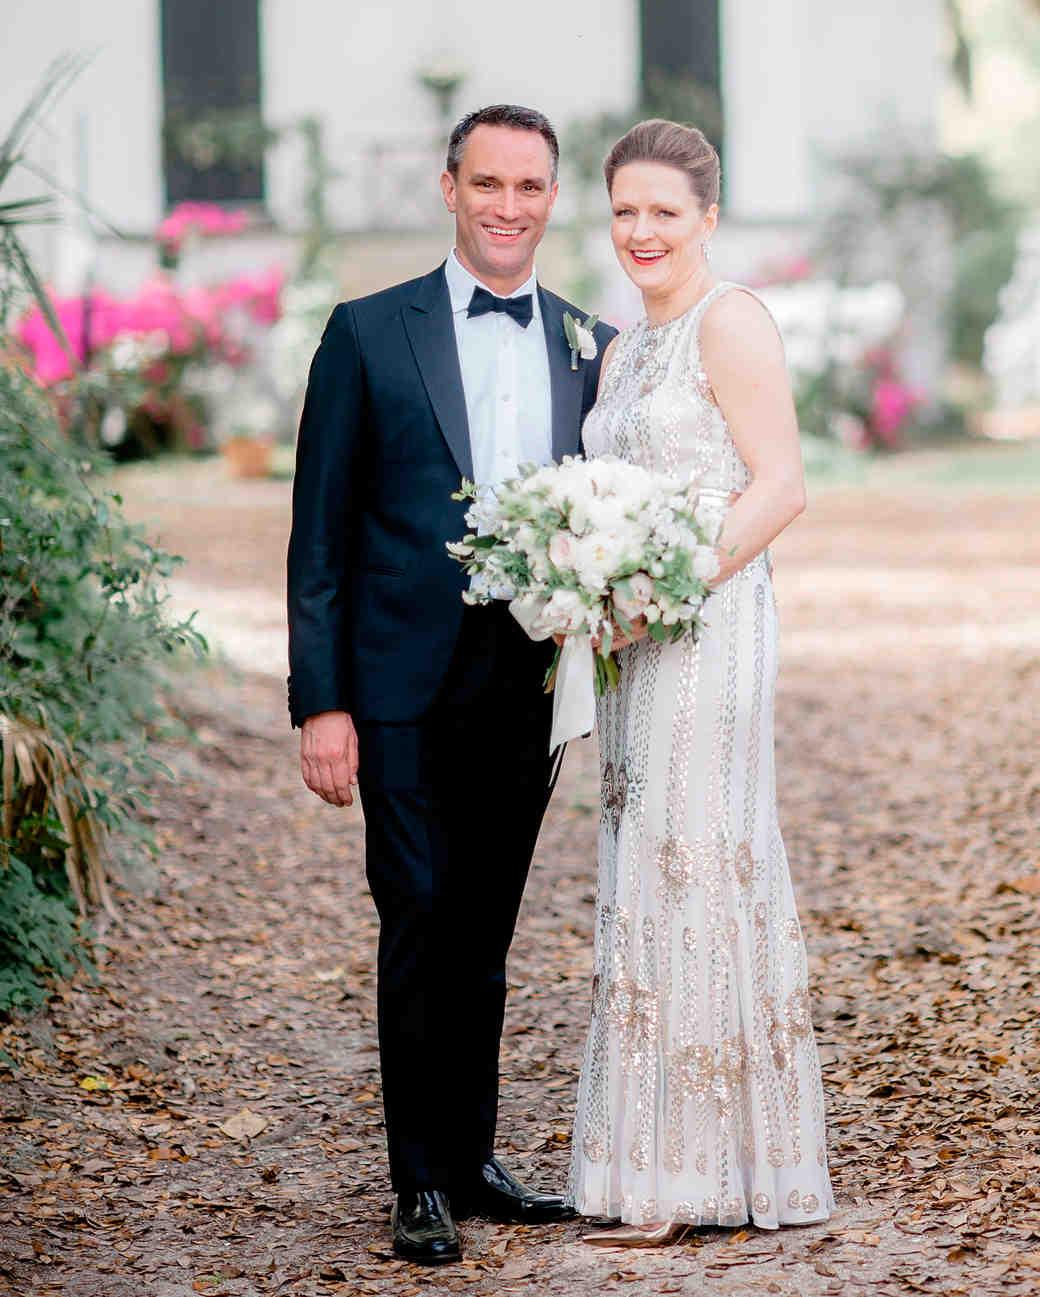 melany-drew-wedding-couple-026-s112184-0915.jpg